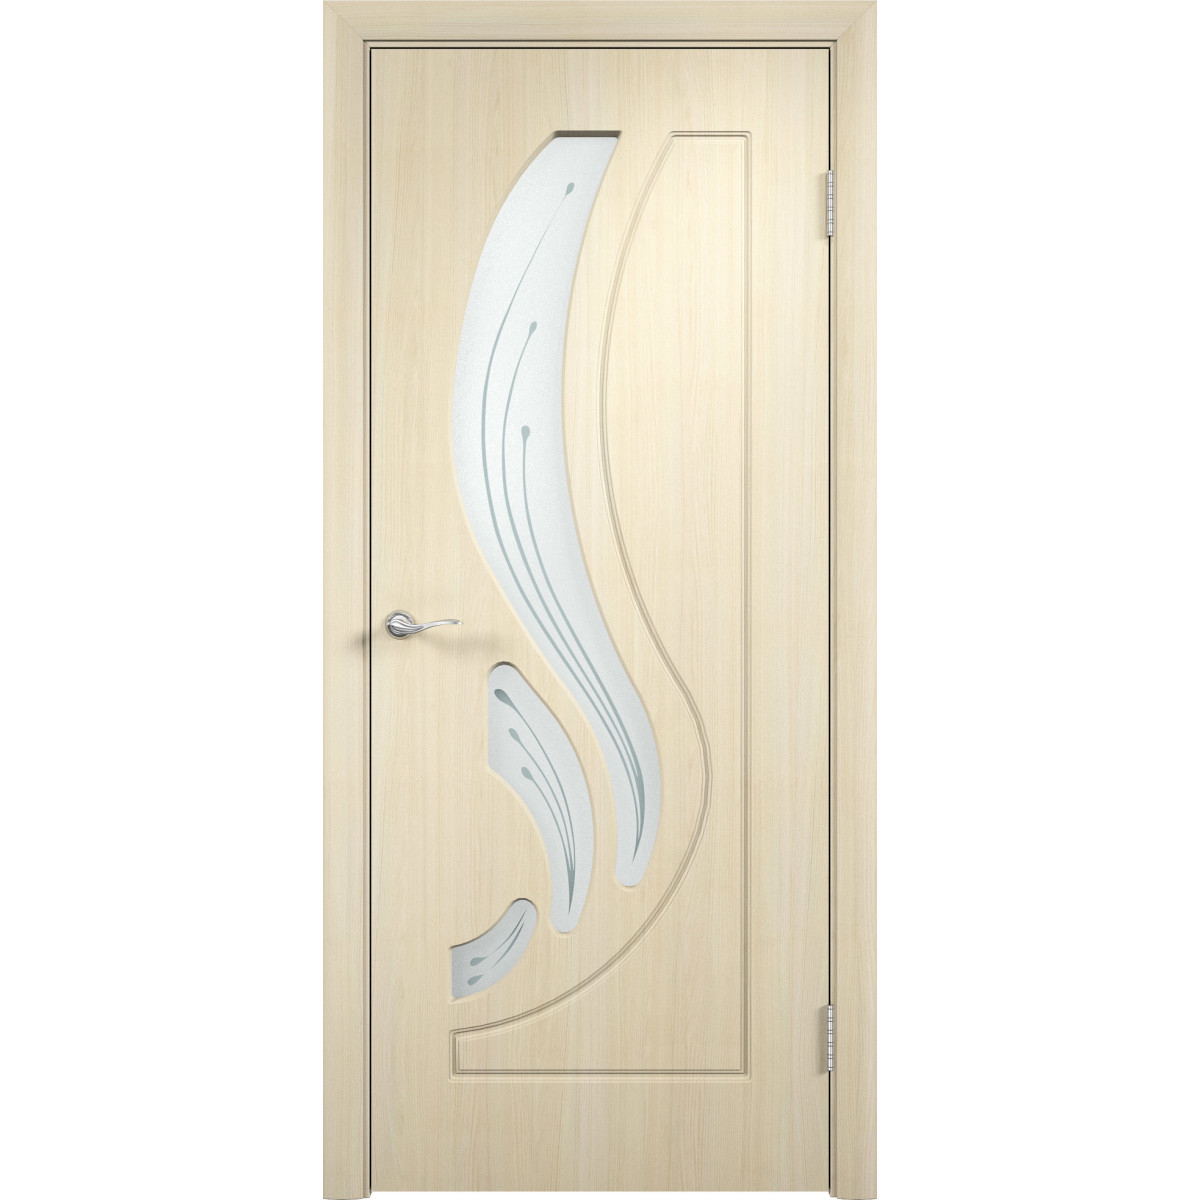 Дверное полотно Verda Лиана МП_0420 2000х700х40 мм МДФ